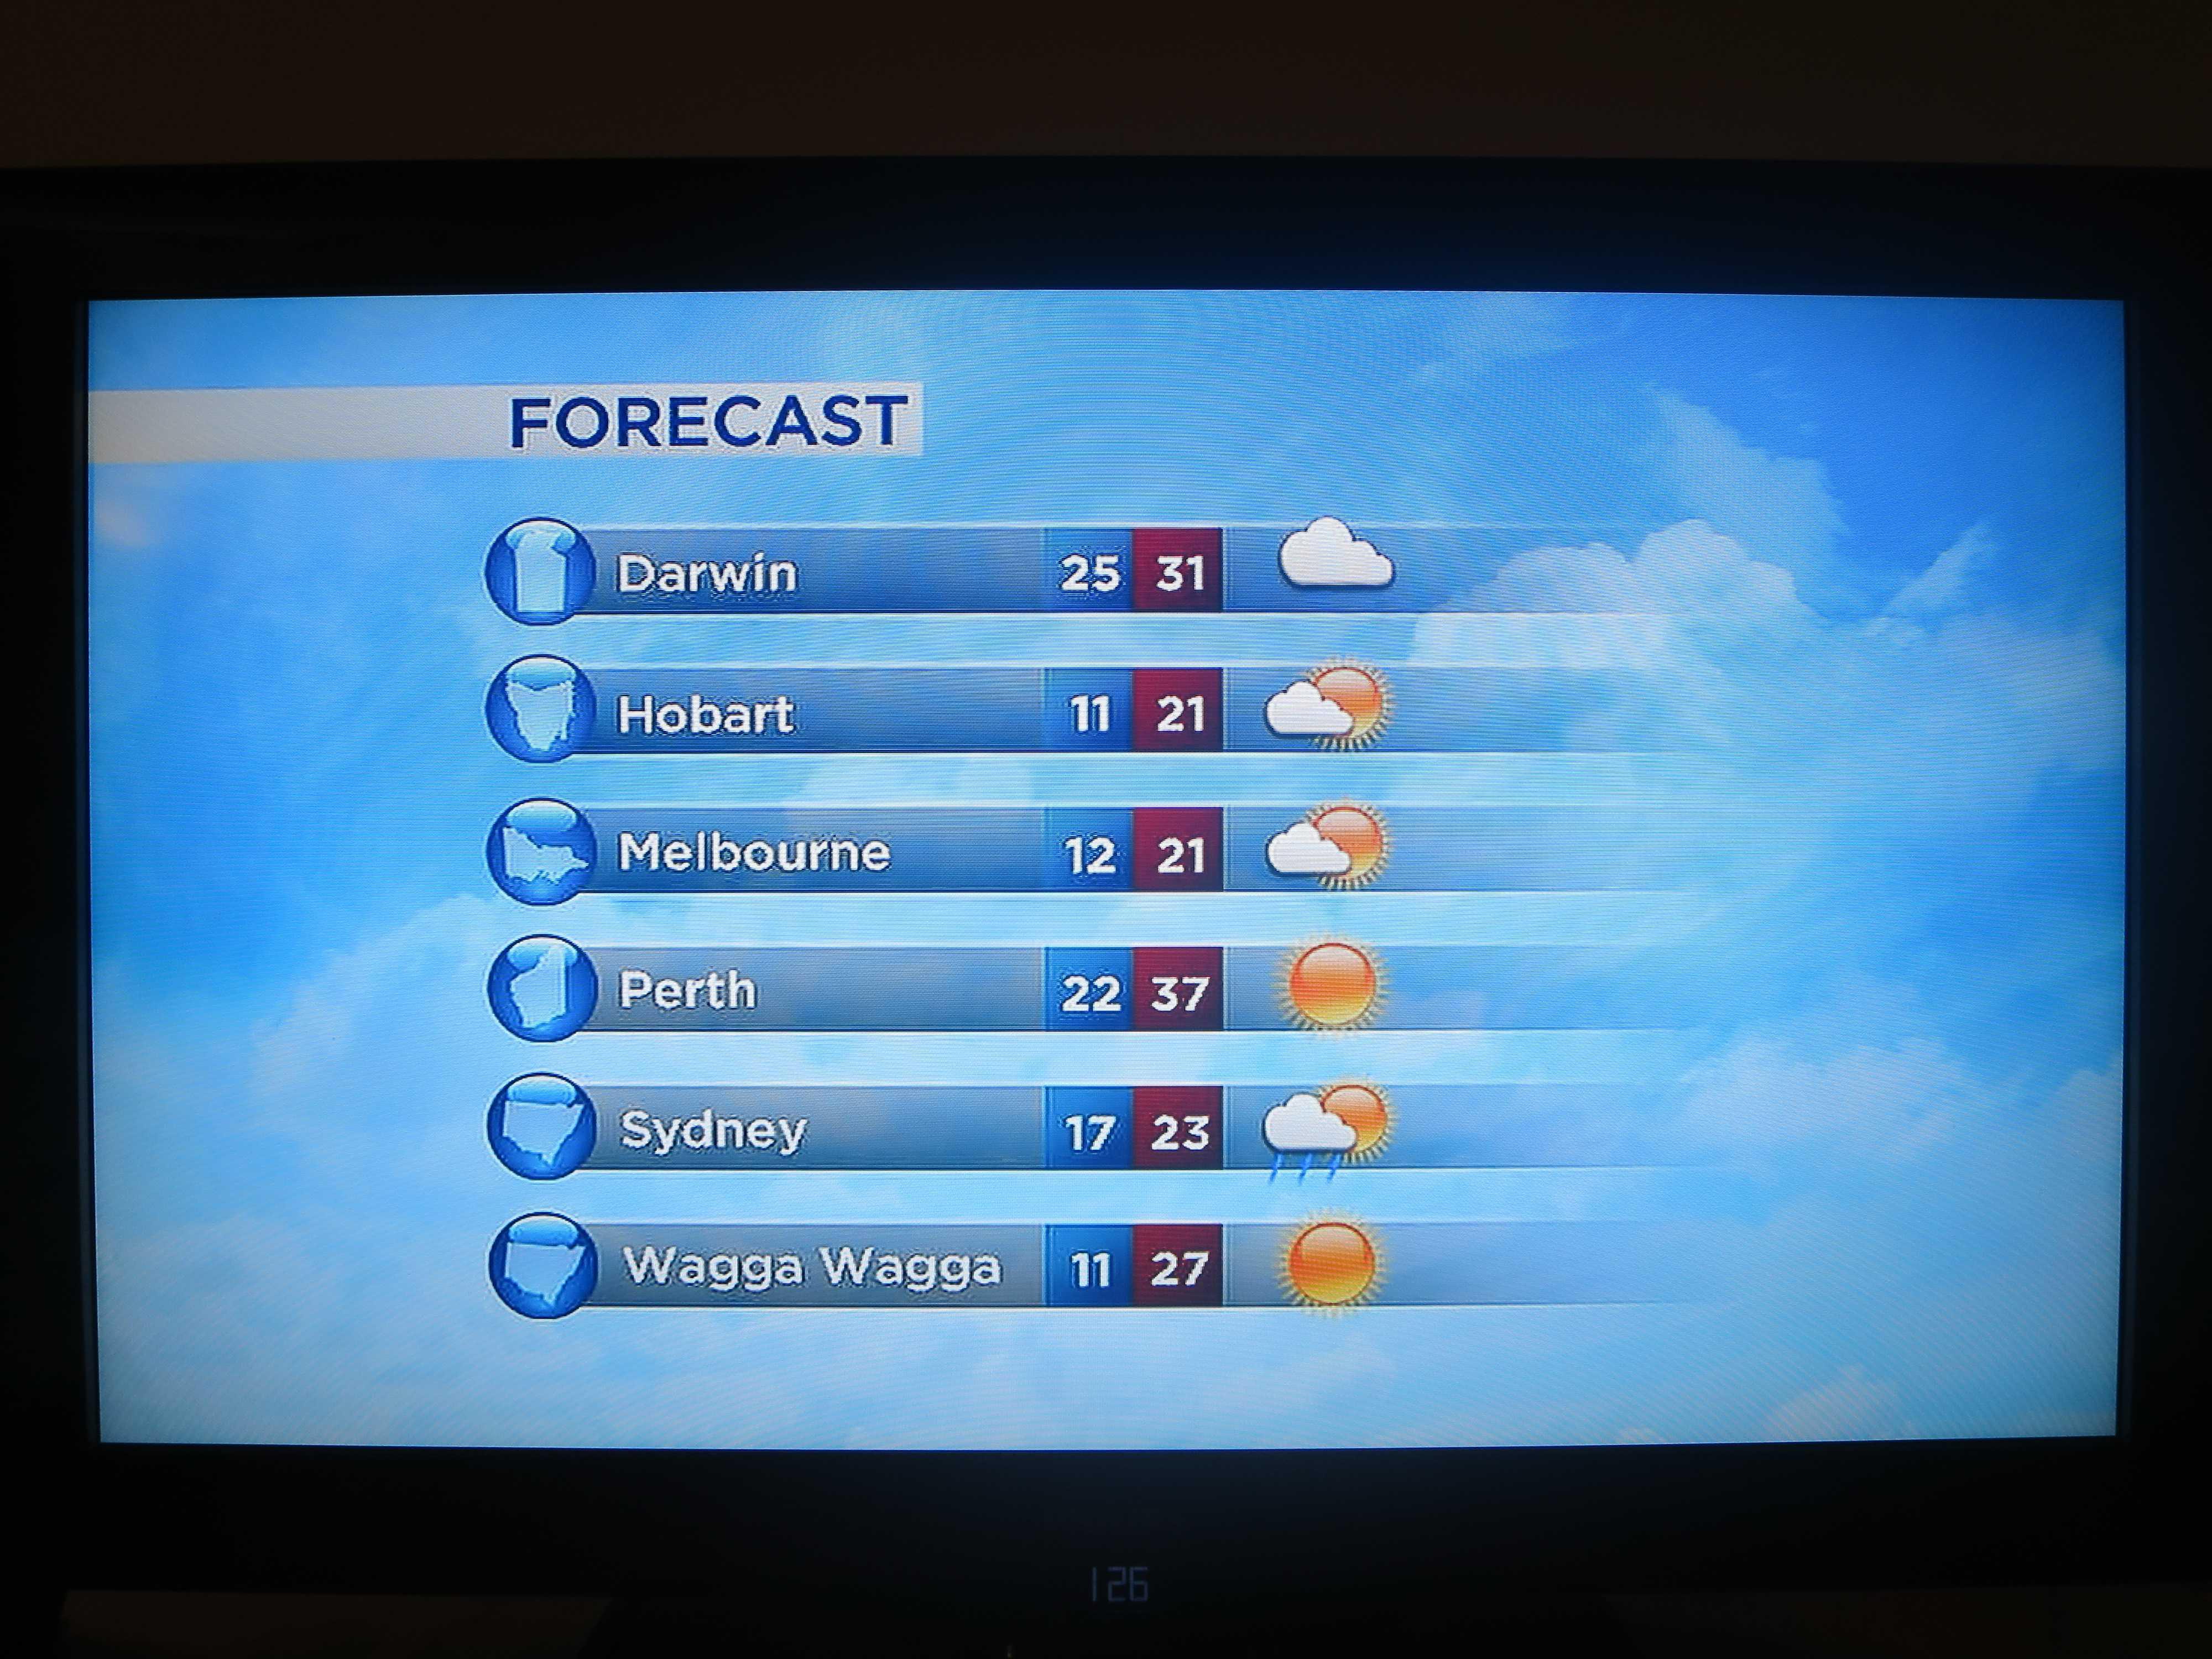 オーストラリア天気予報